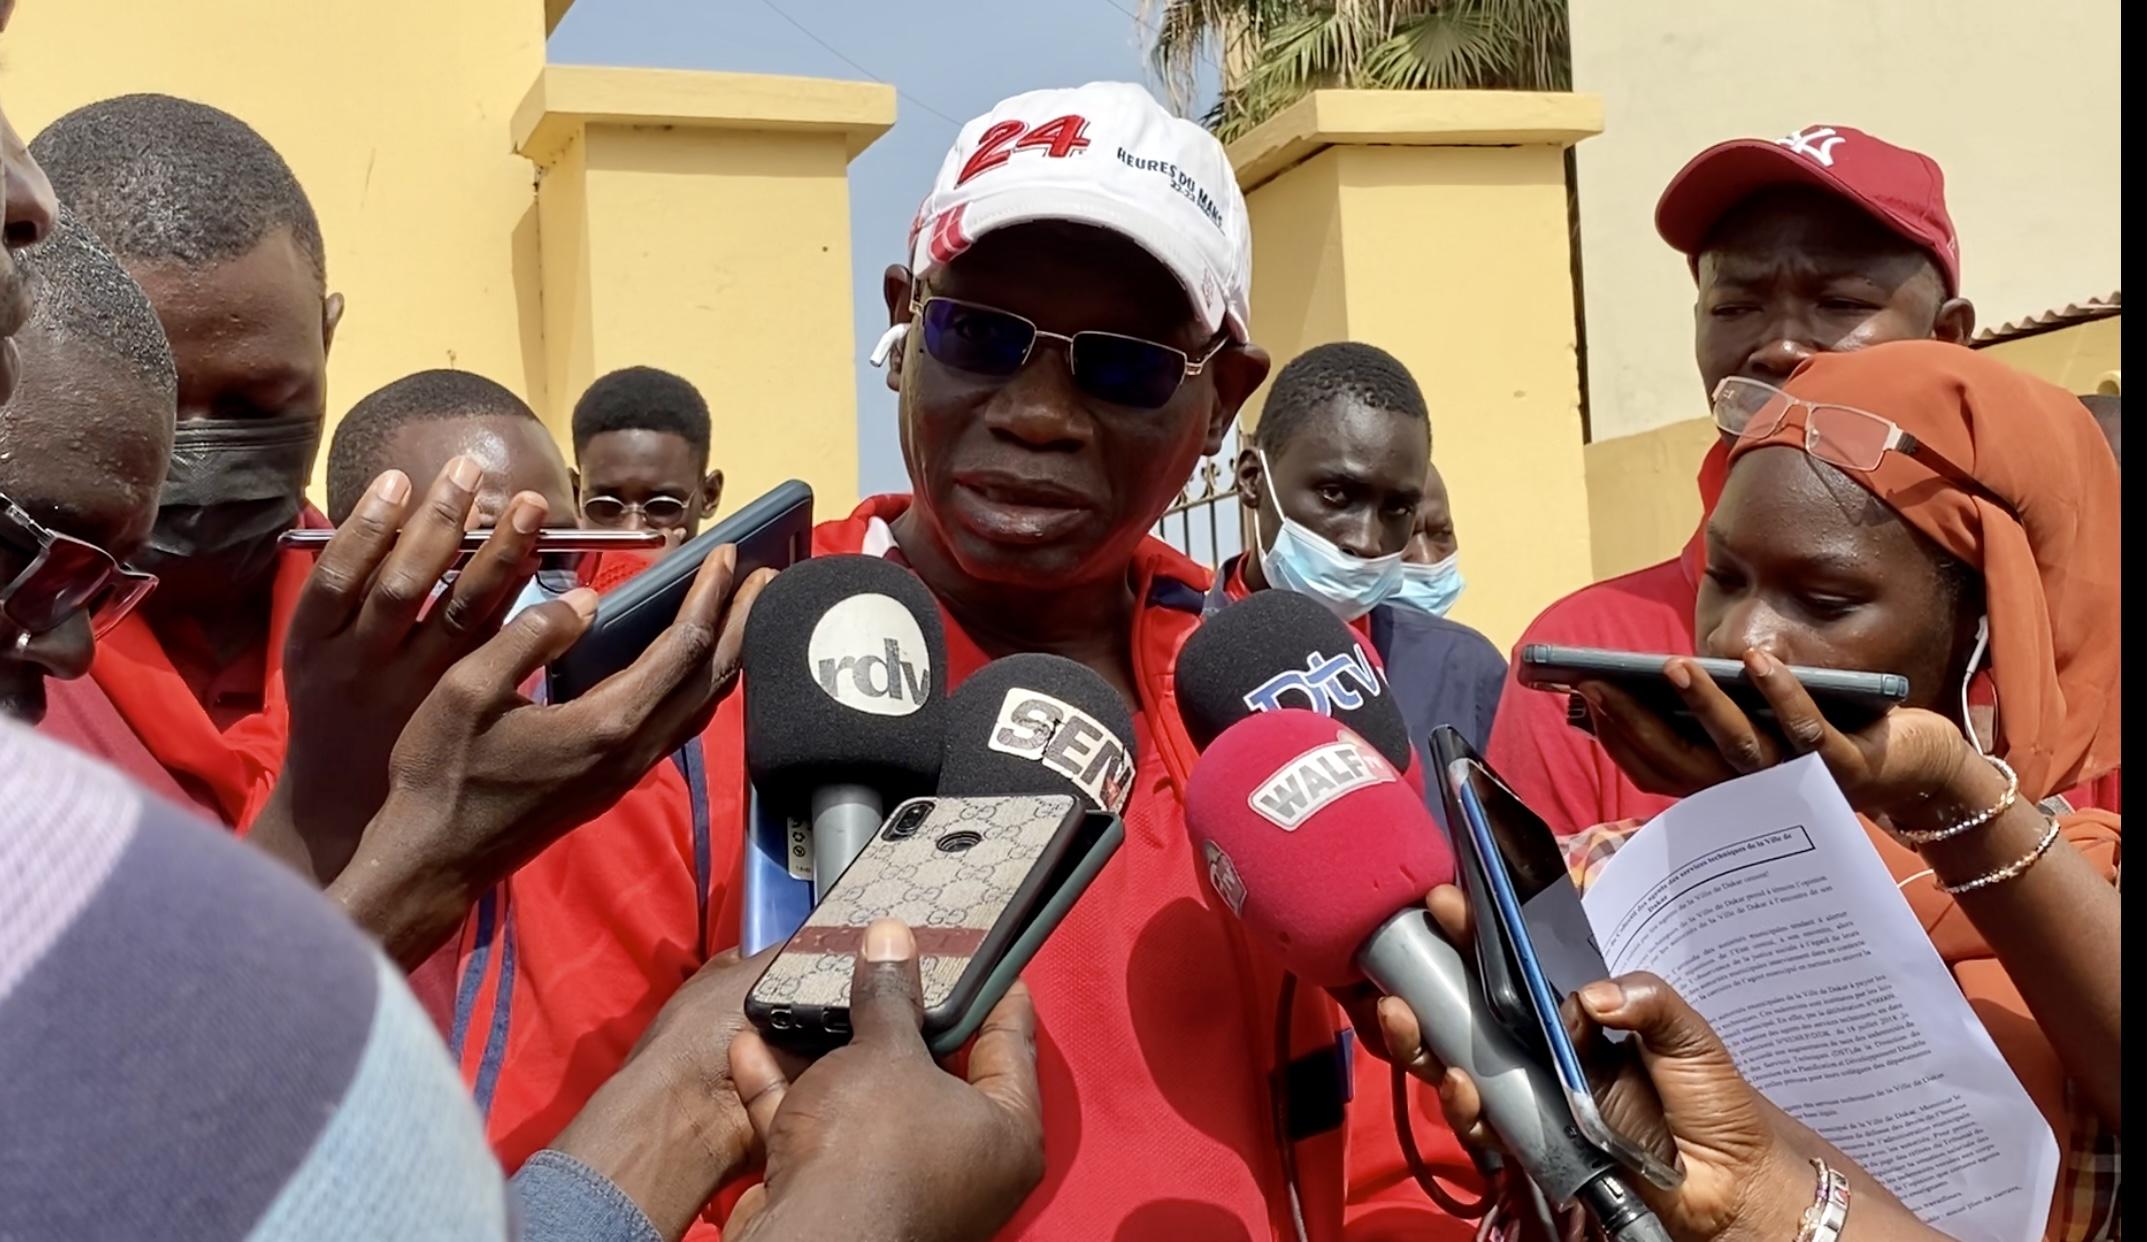 Ville de Dakar : Les agents des services techniques alertent sur les abus des autorités municipales...